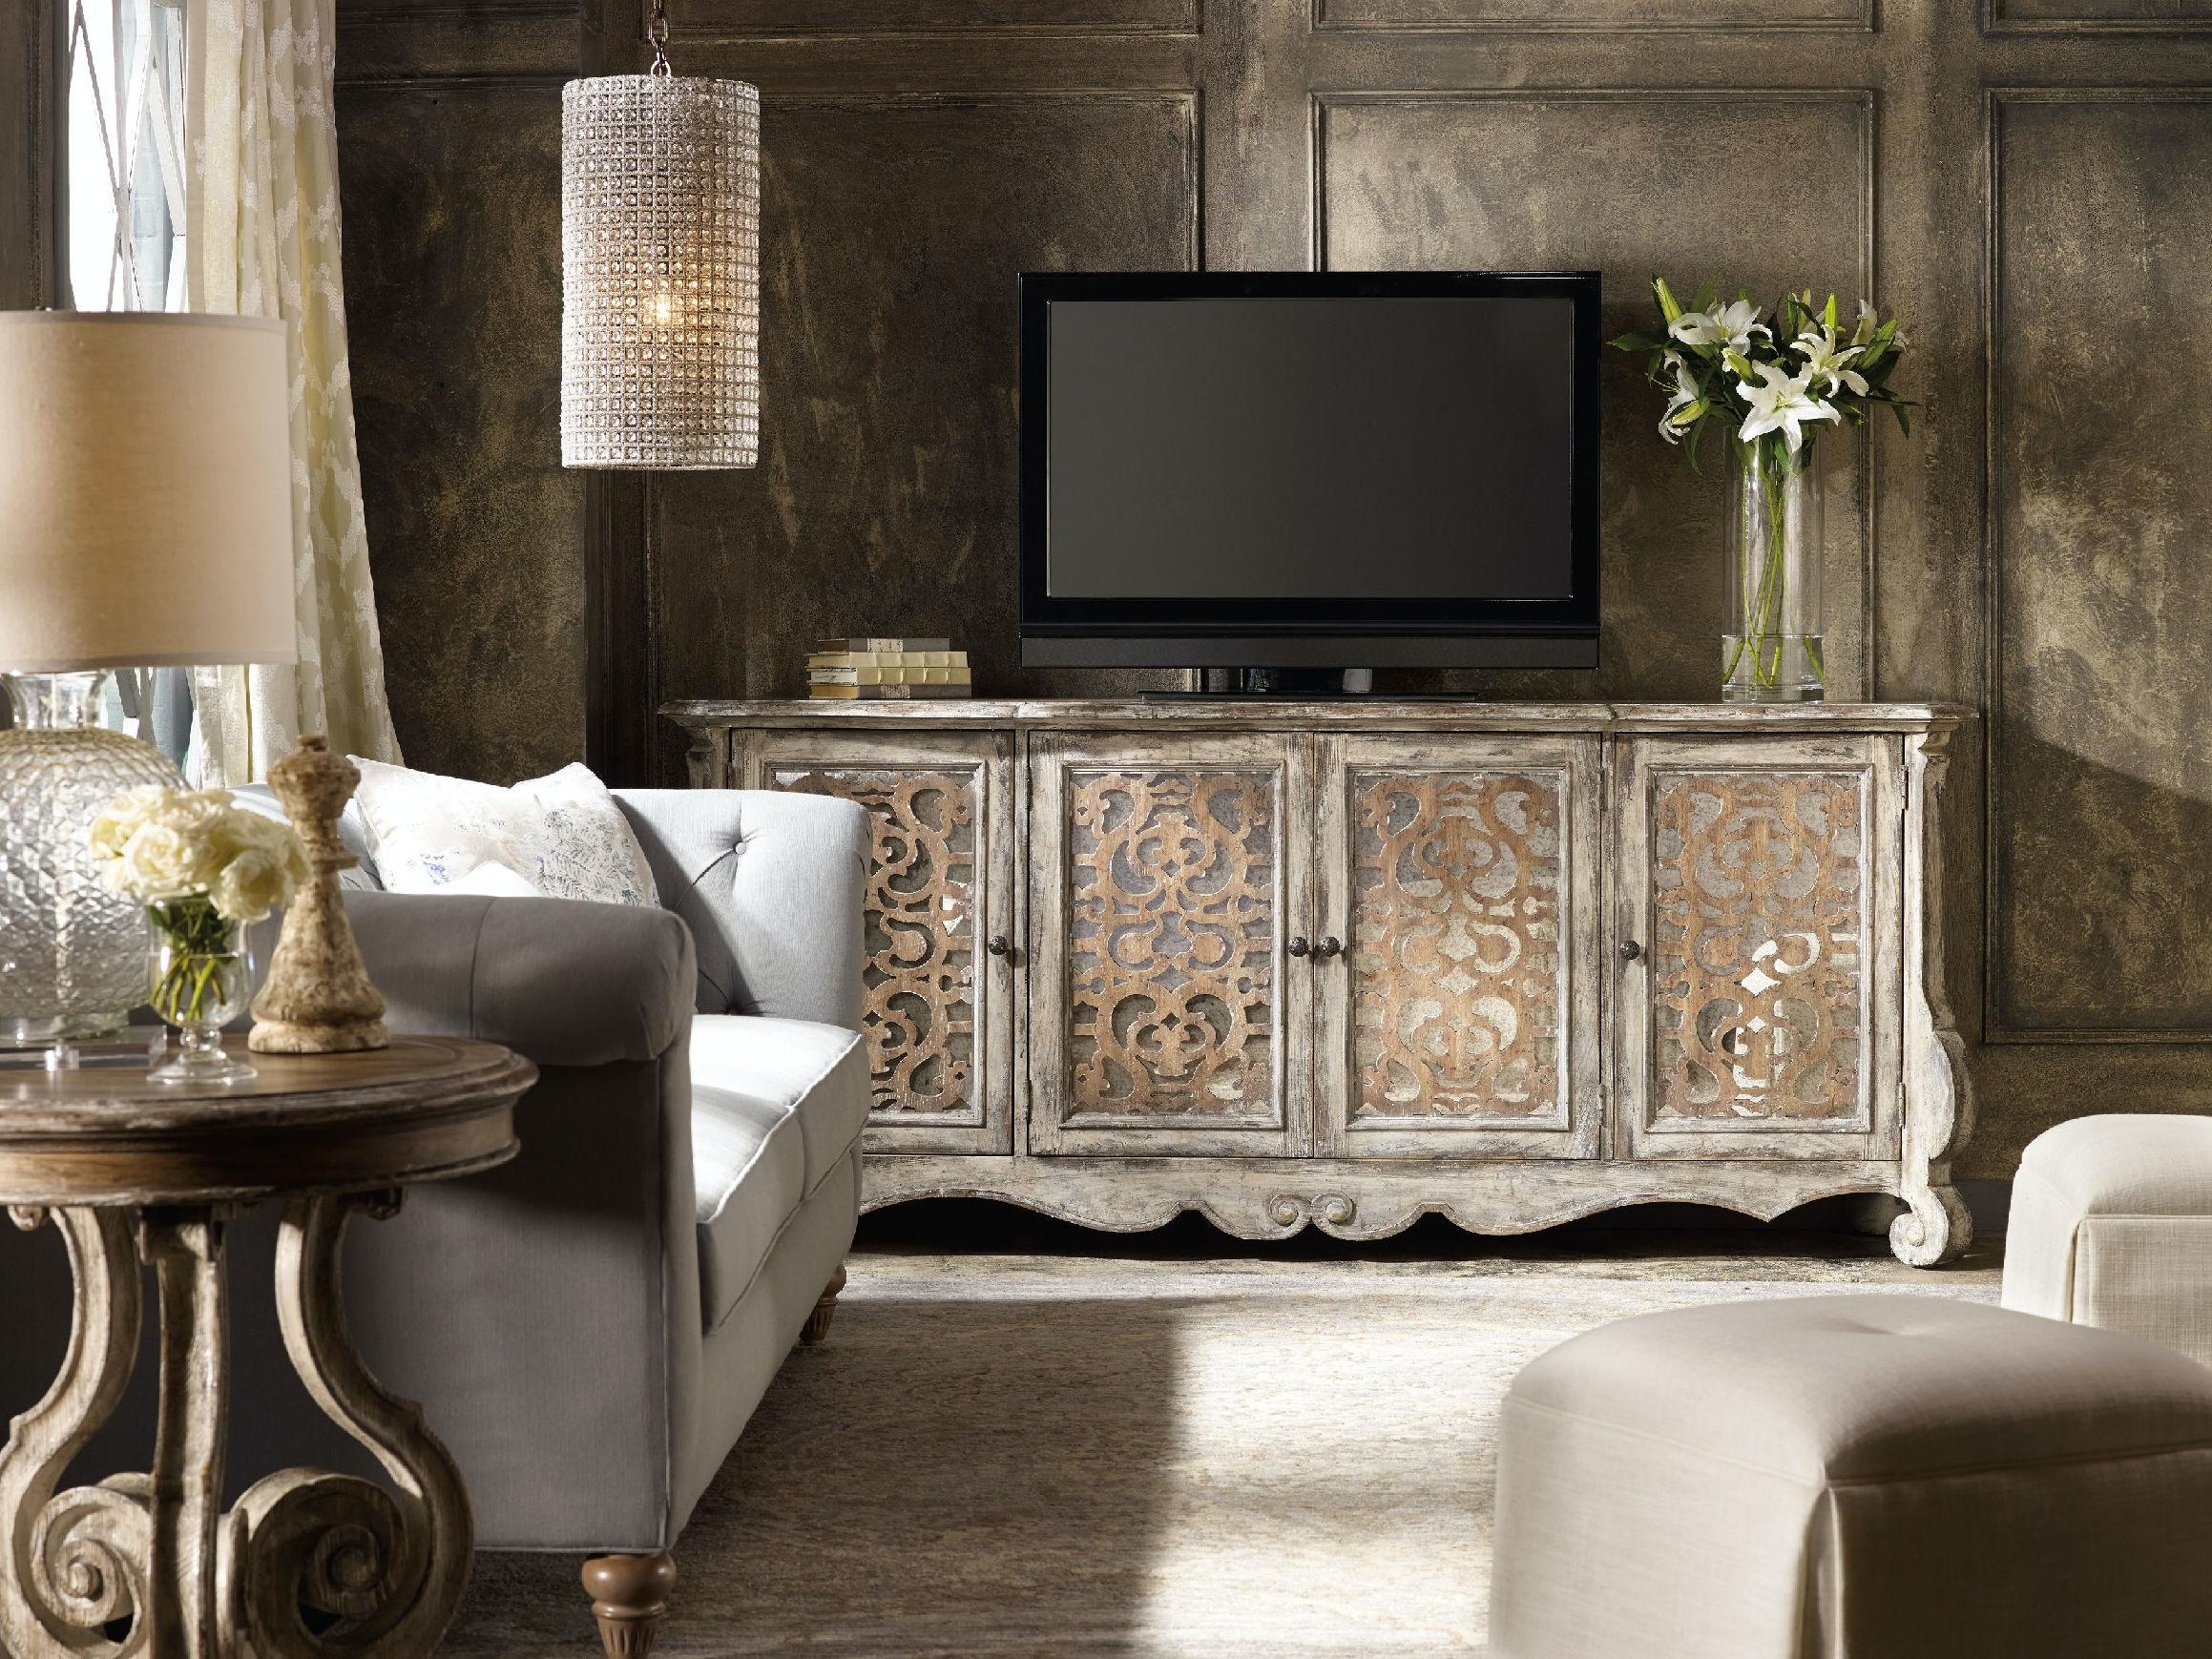 Hooker Furniture Chatelet Credenza 5351 85001